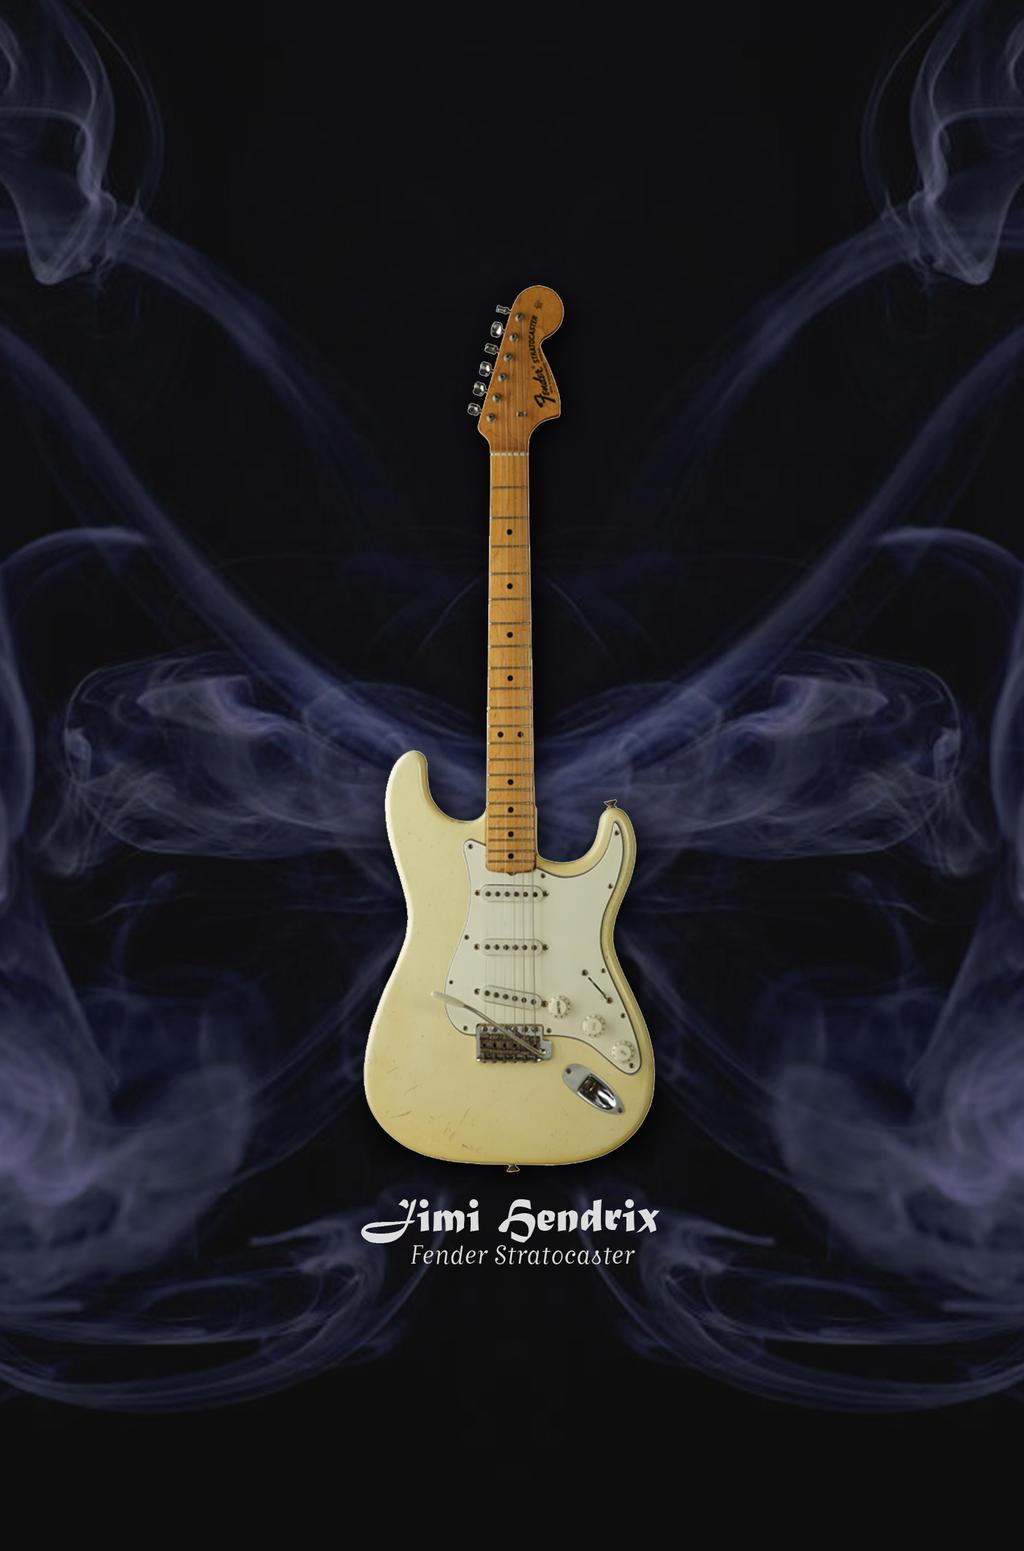 Jimi Hendrix by SEEZ85